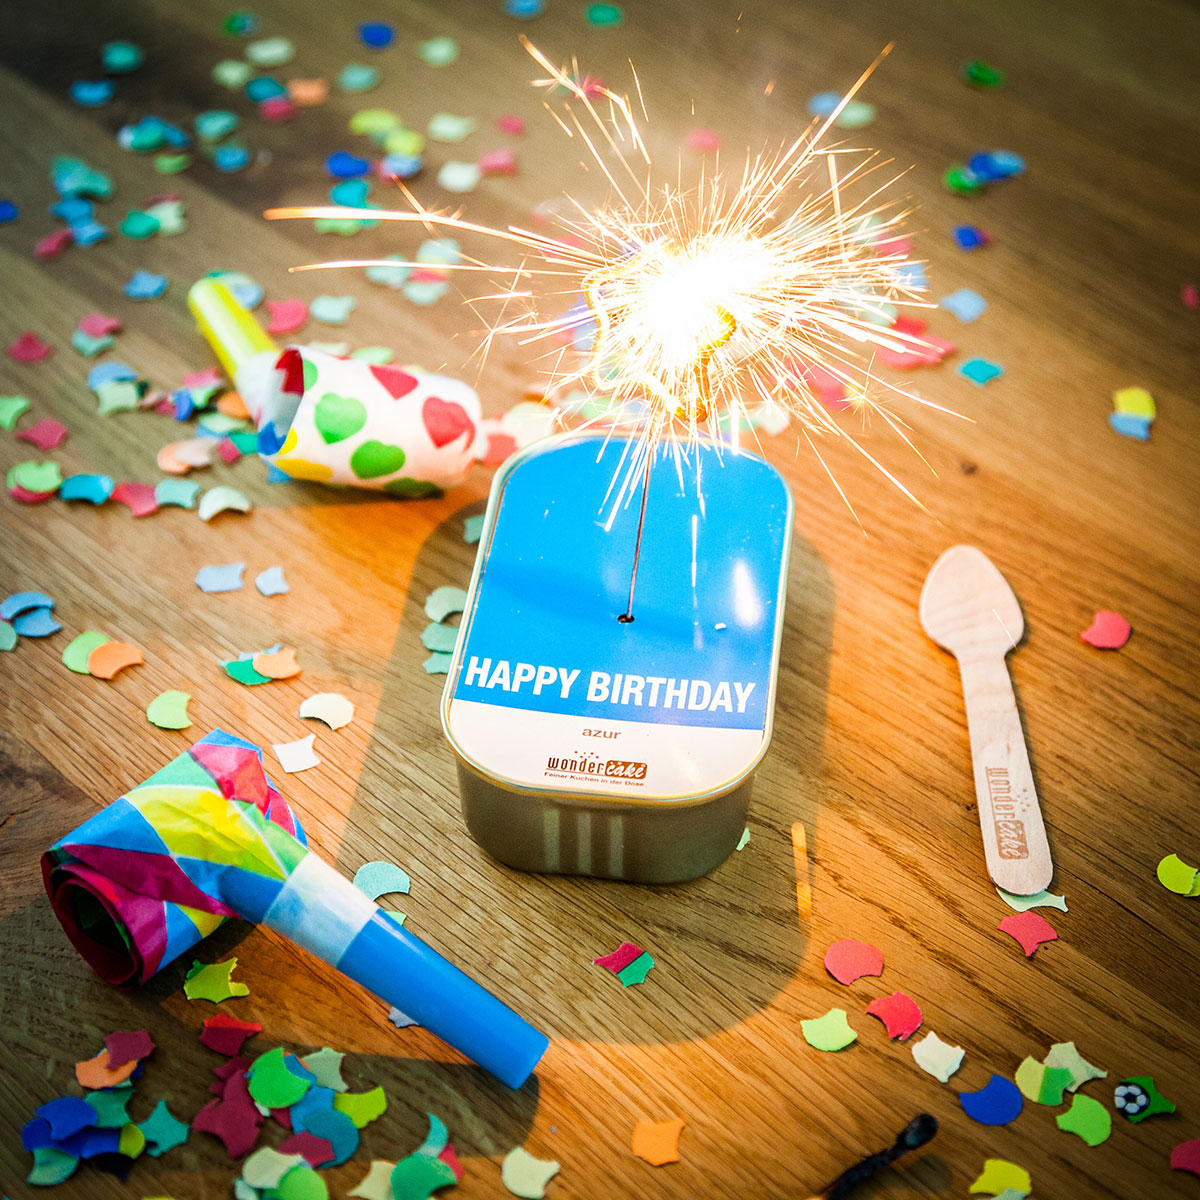 Wondercakes - Der feine Kuchen aus der Dose